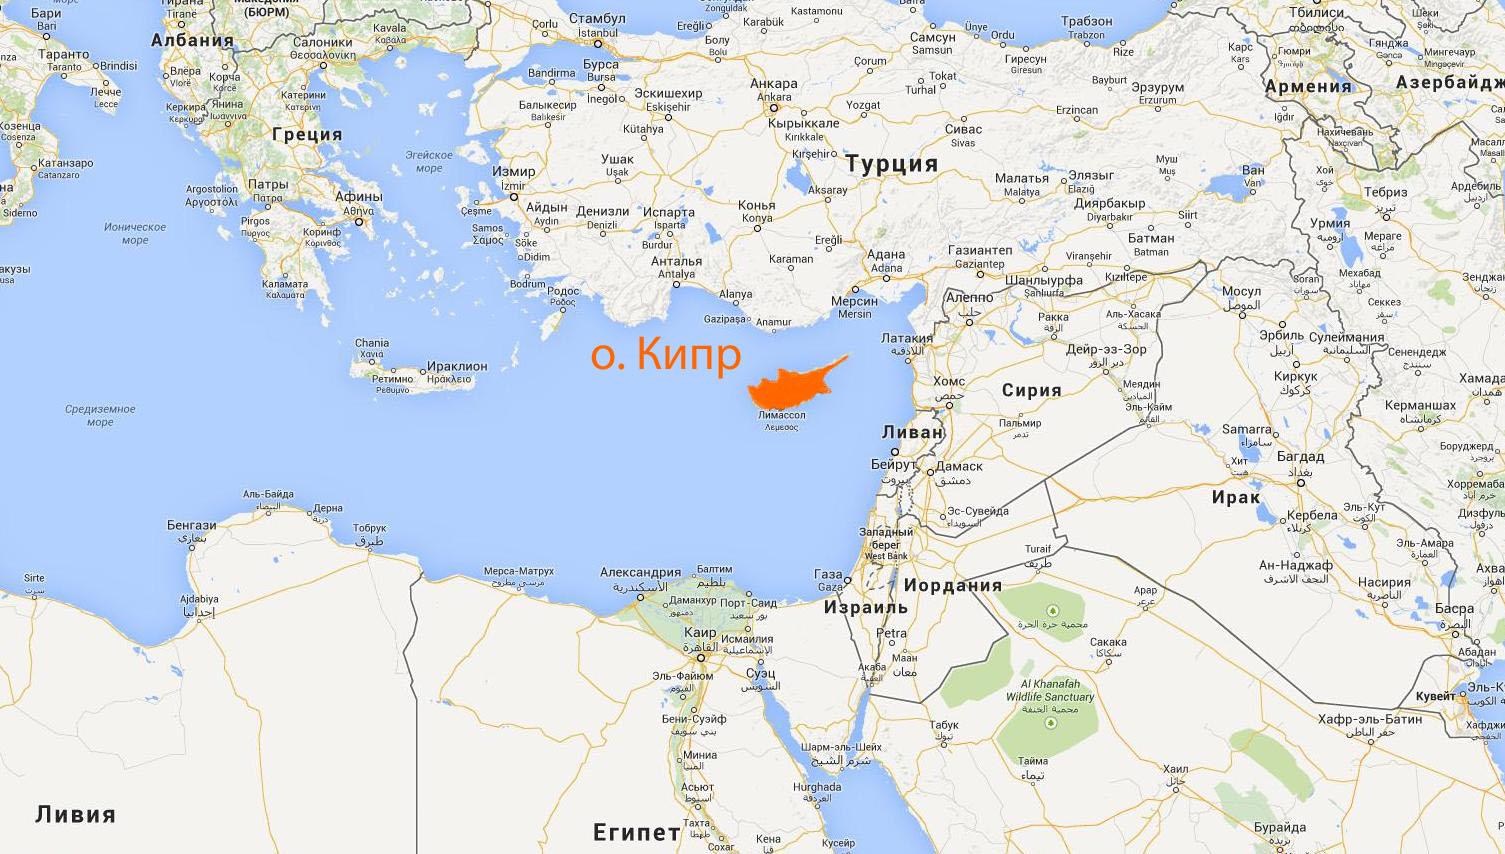 Територия и границы на карте северный кипр